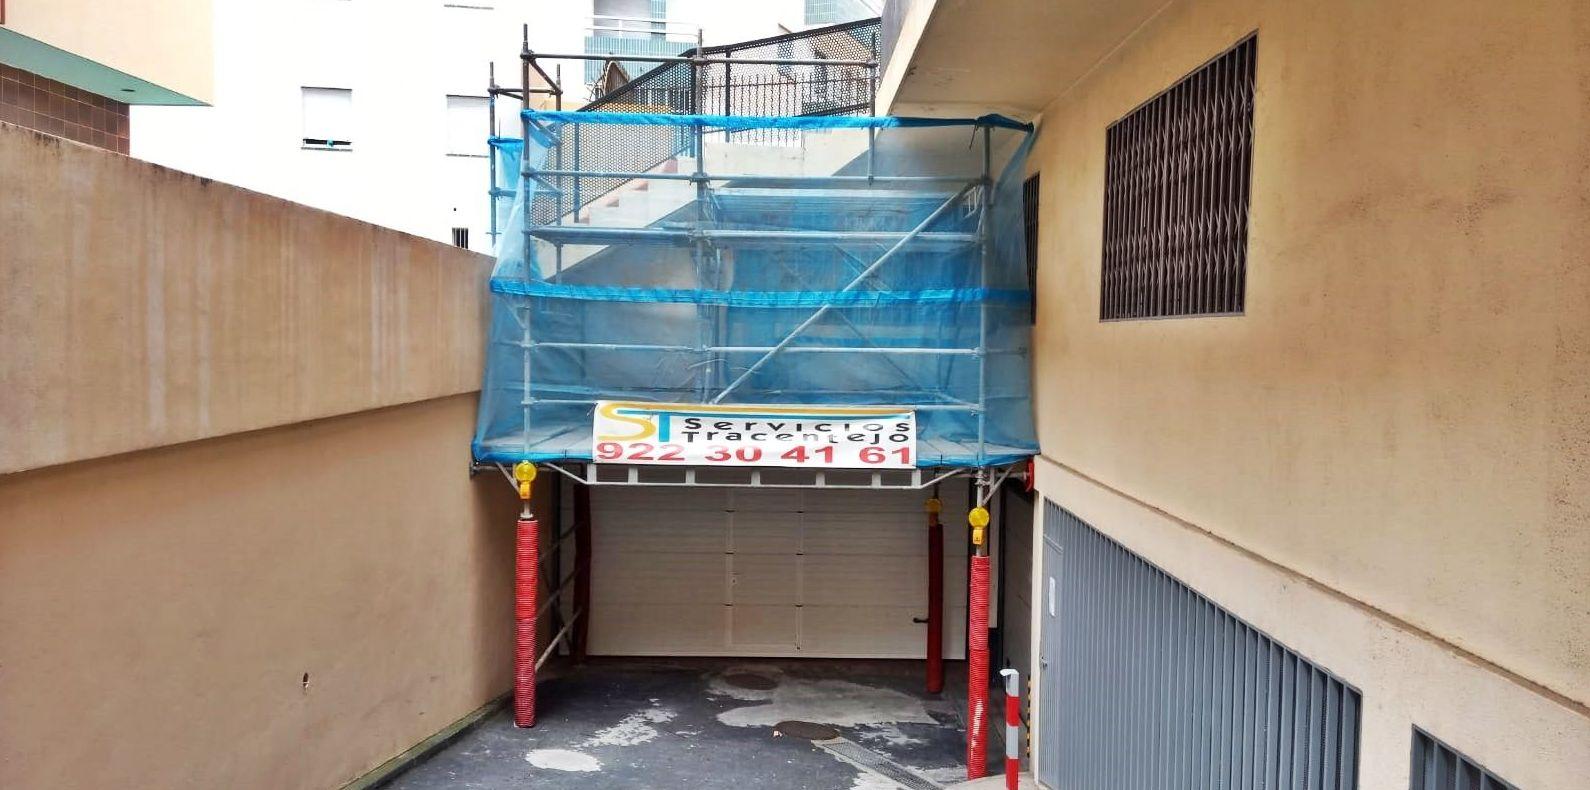 Andamio multidireccional con marquesina de protección para rehabilitación de fachada.